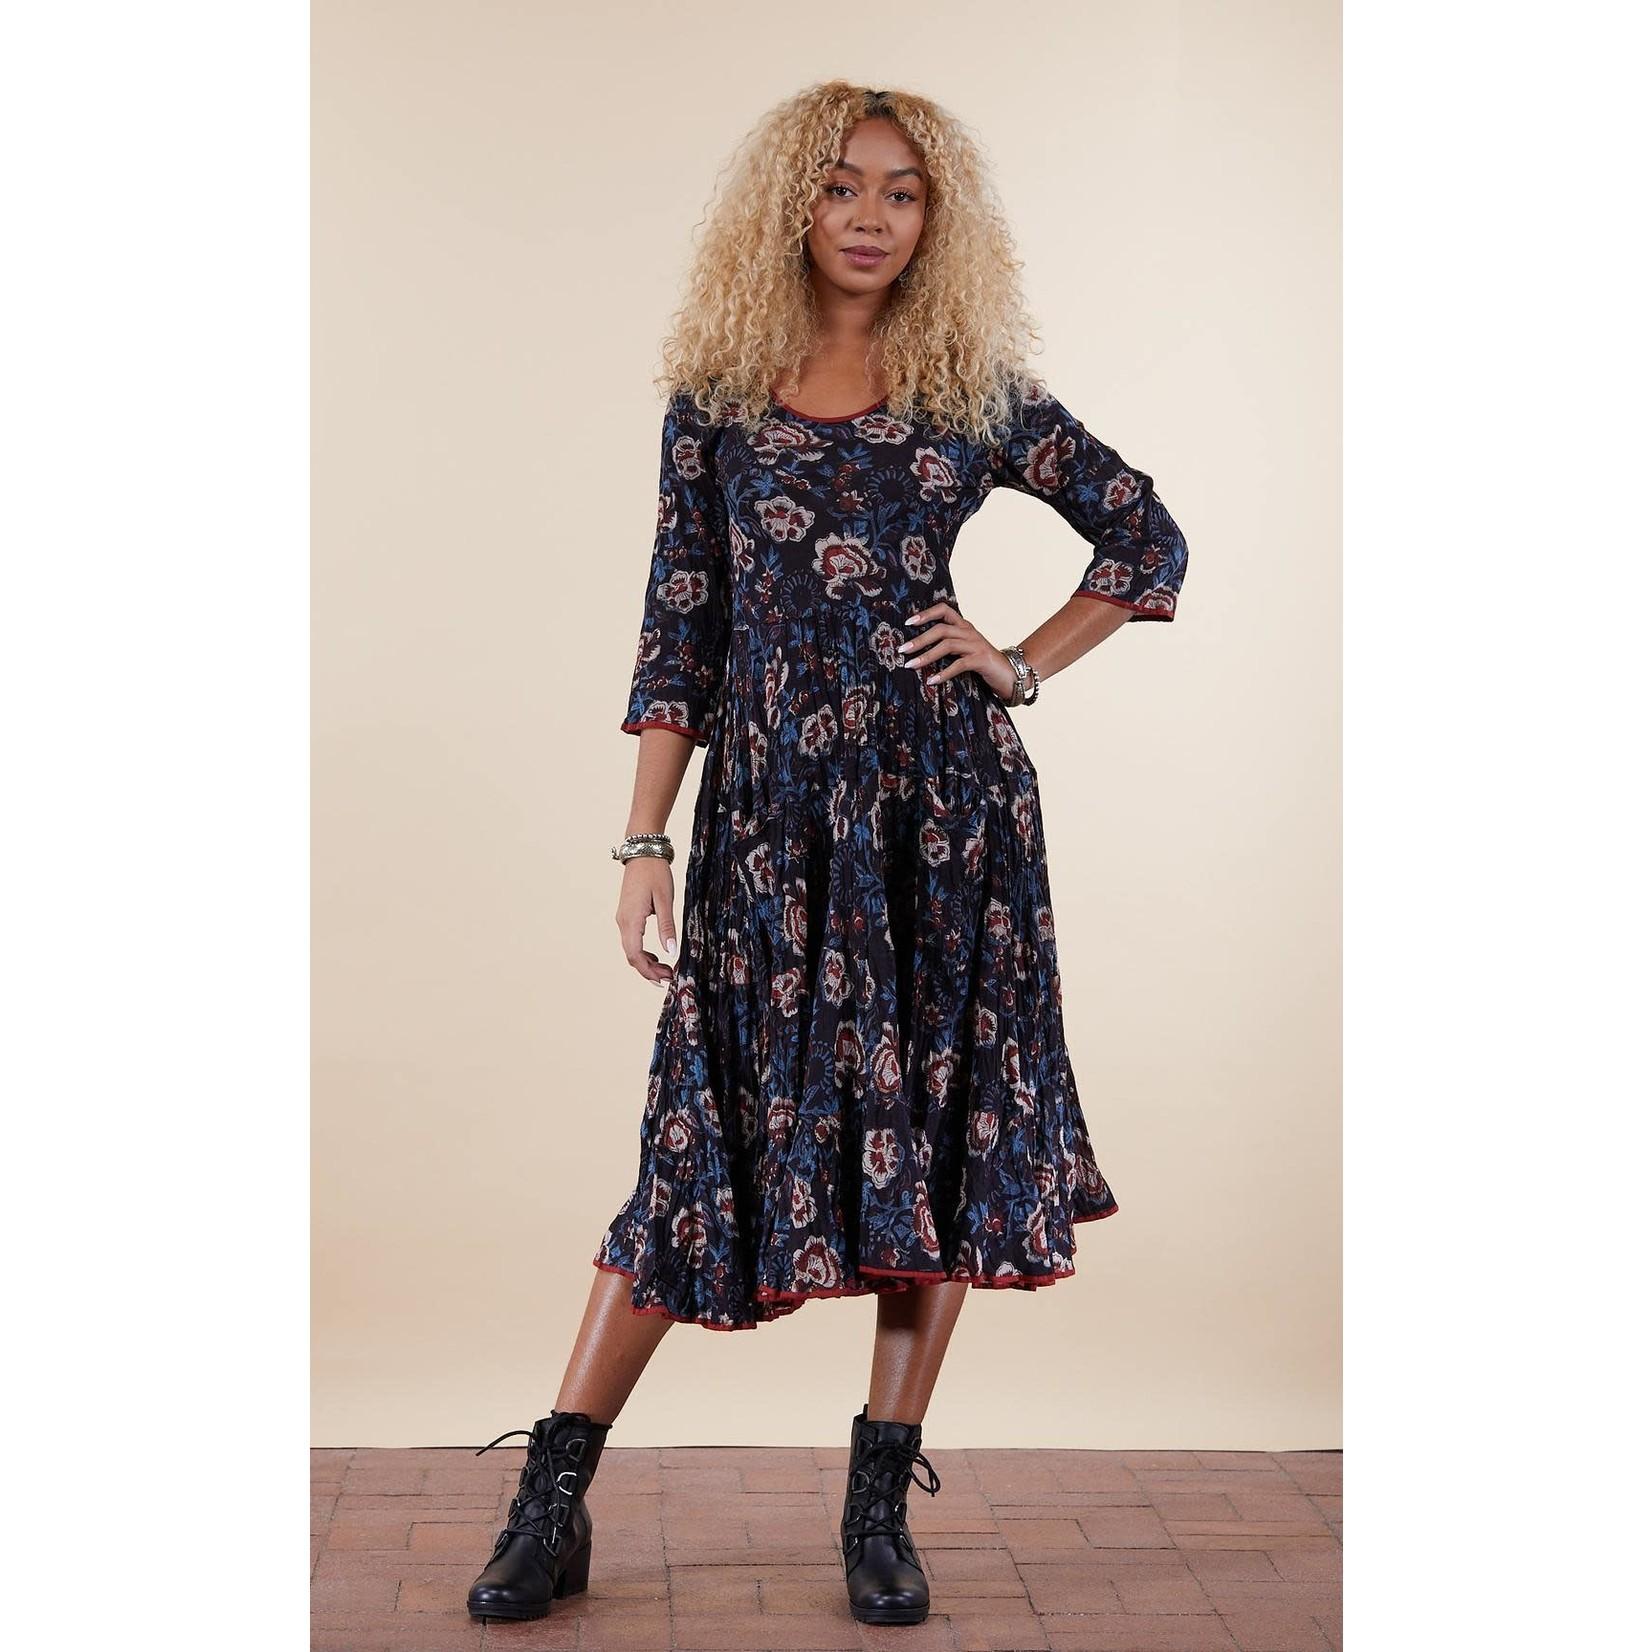 TRADE CLOTH 3/4 SANTE FE LONG DRESS